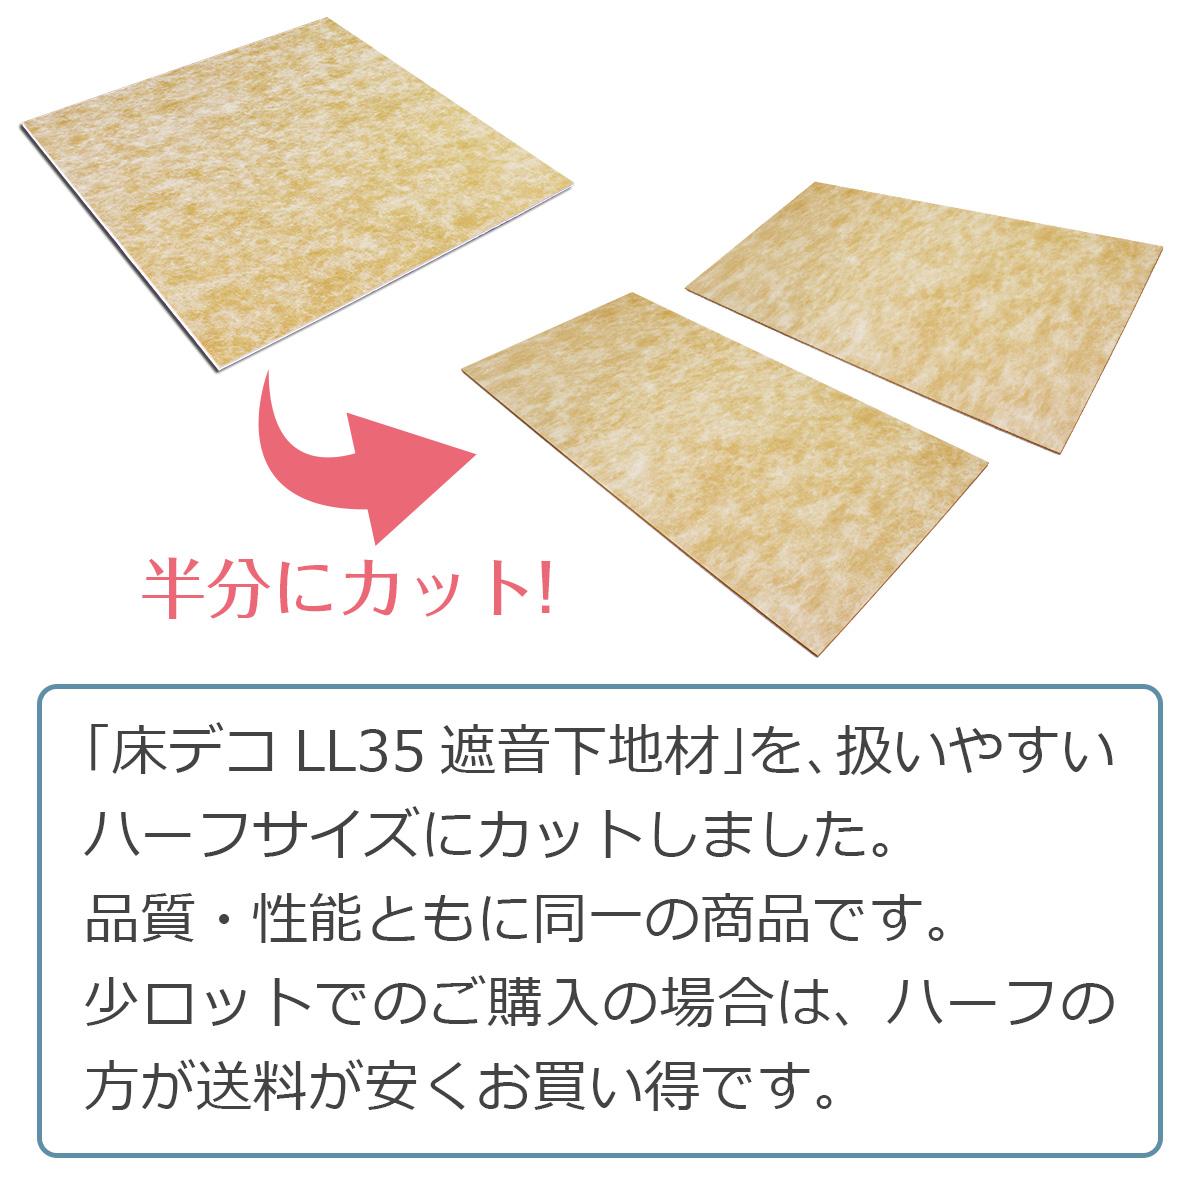 「床デコLL35遮音下地材」を、扱いやすいハーフサイズにカットしました。品質・性能ともに同一の商品です。少ロットでのご購入の場合は、ハーフの方が送料が安くお買い得です。